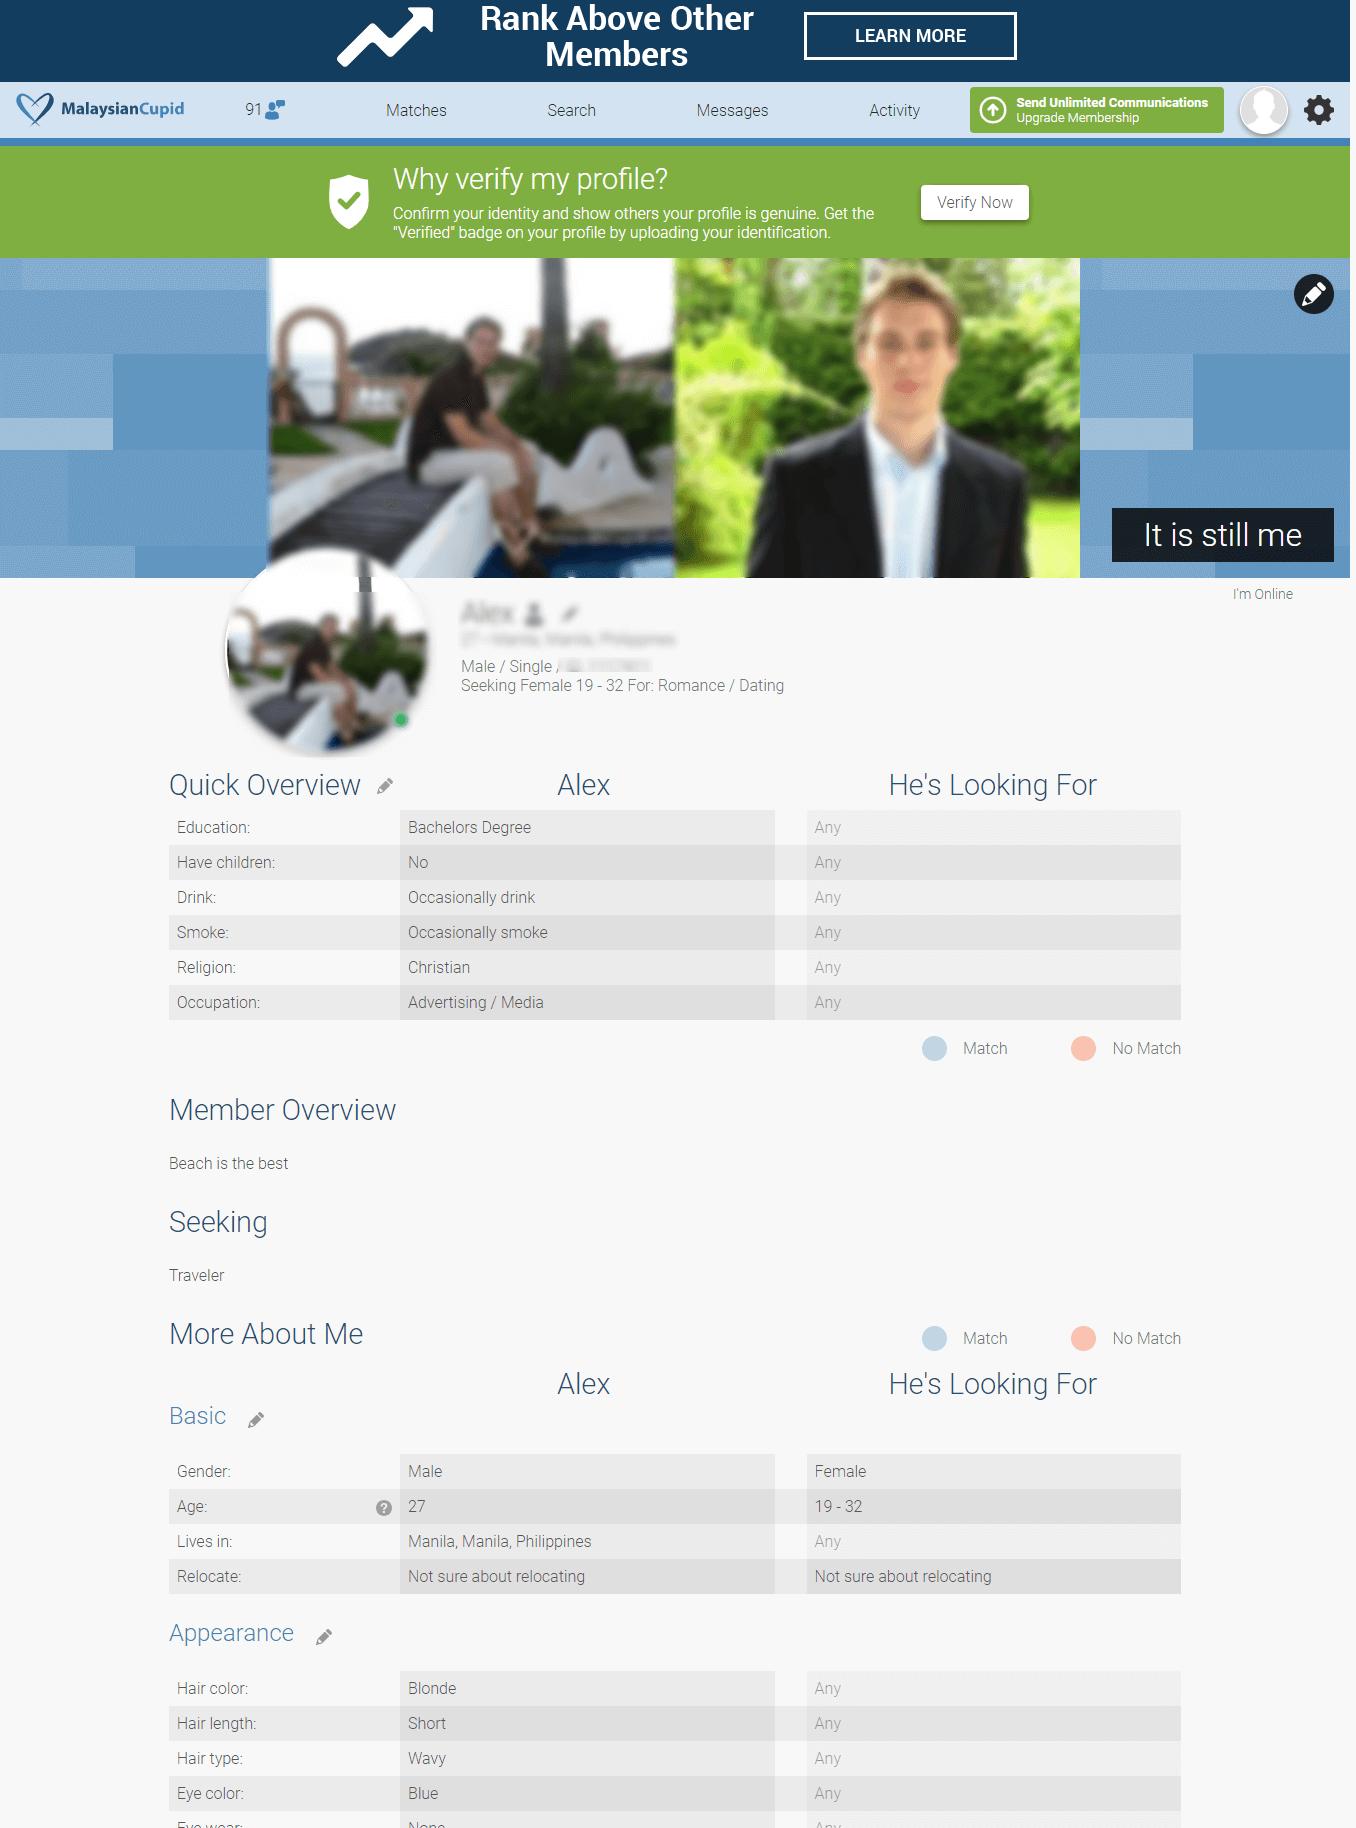 malaysiancupid profile